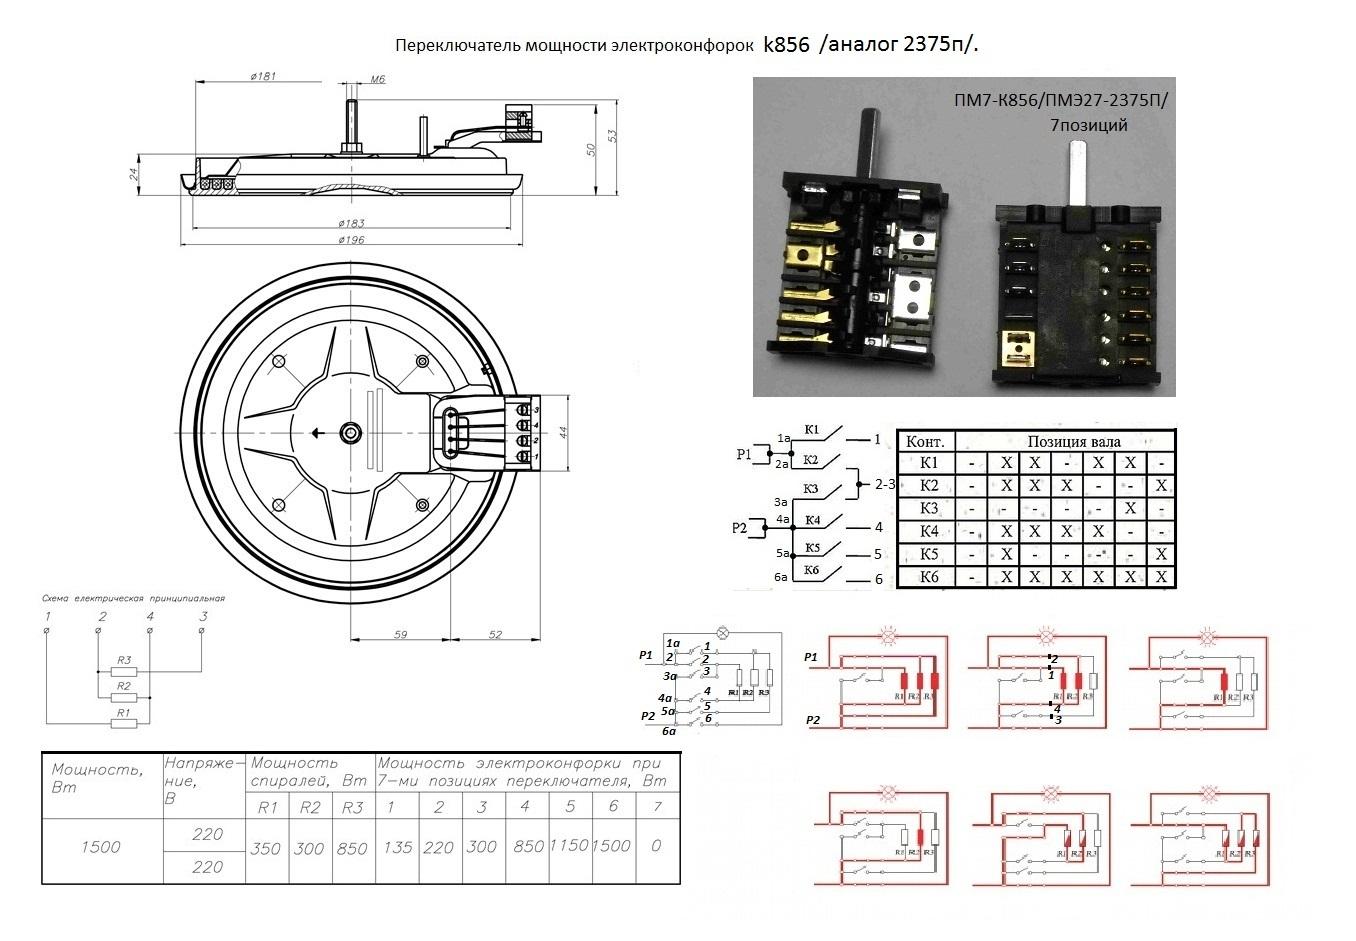 Пмэ27-2375п-ухл4 схема подключения